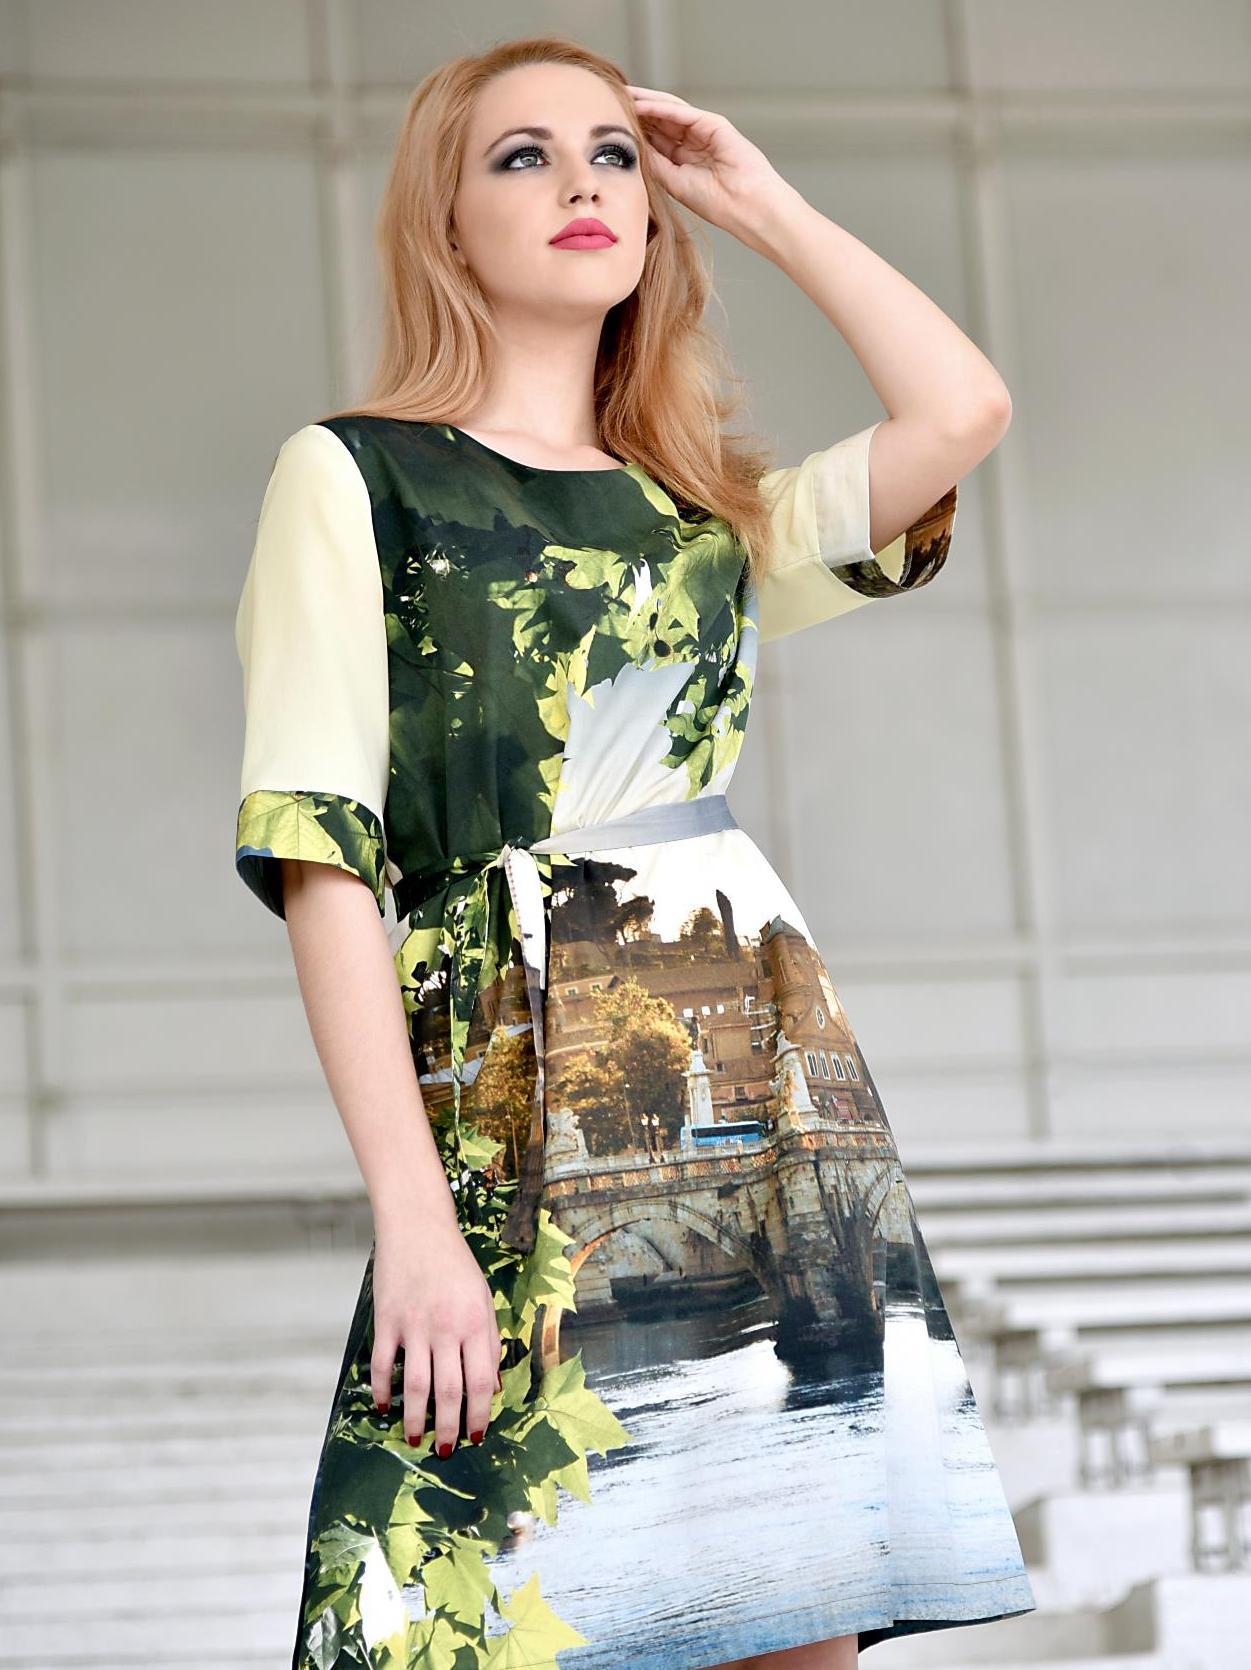 Šaty sřímským vzorem